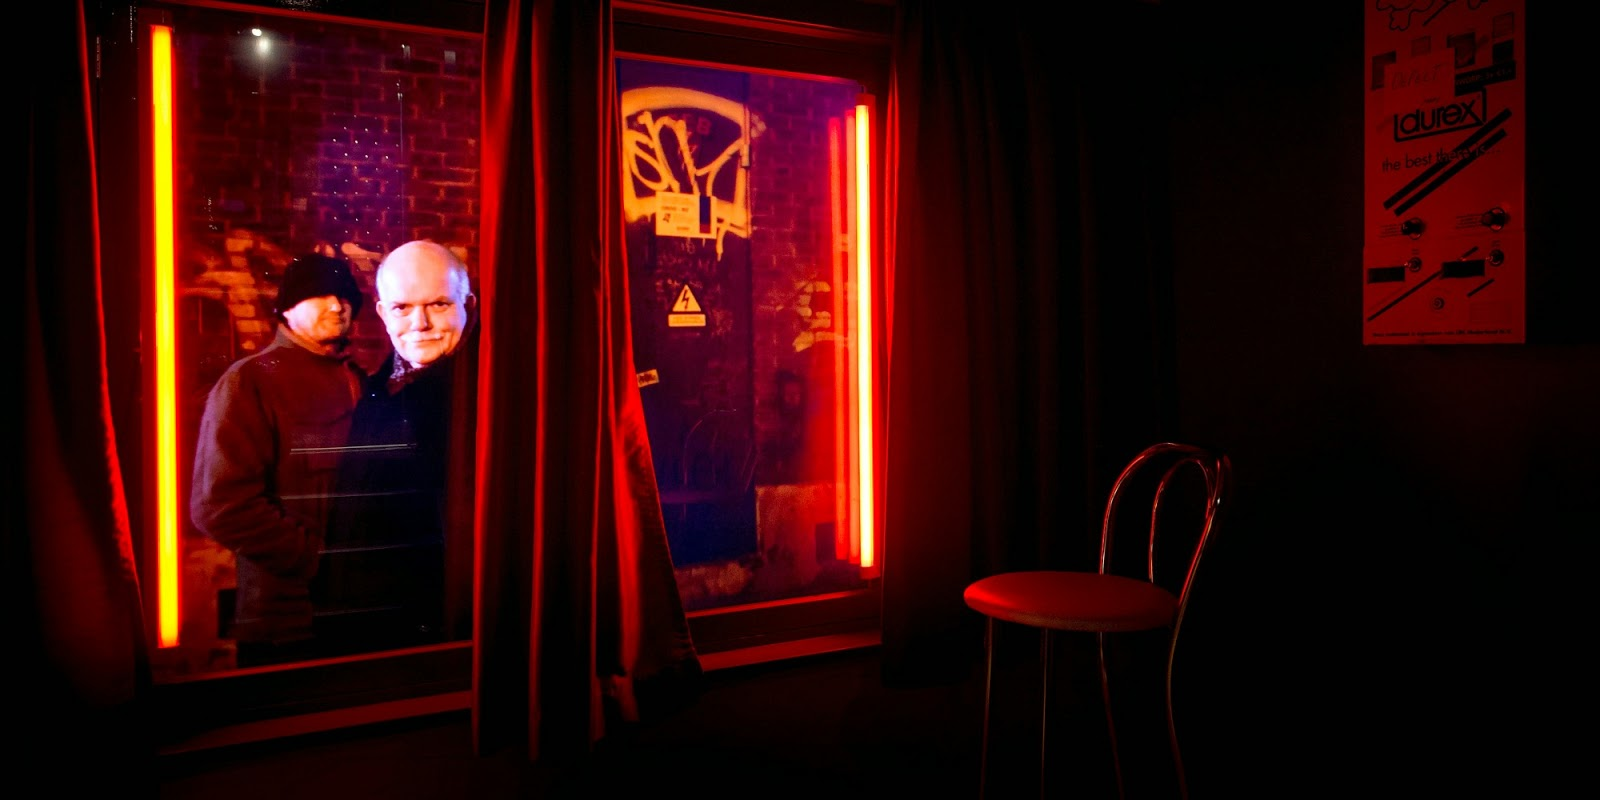 Prostituée quartier rouge amsterdam